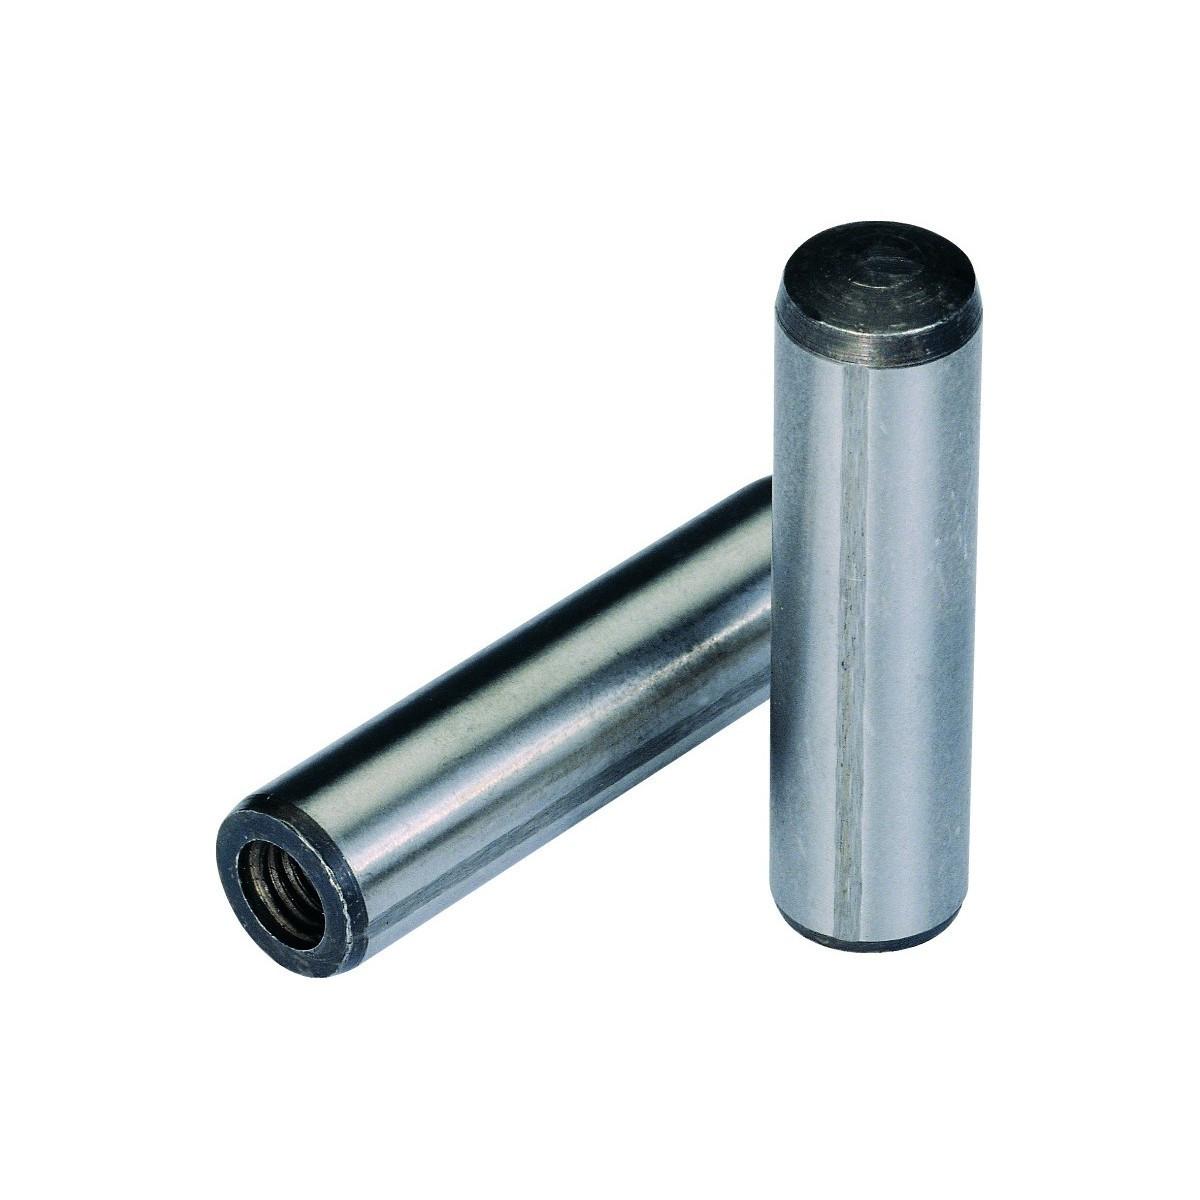 Штифт циліндричний MMG DIN 7979D M20 х 50 Клас 10.9 (Фосфат) 1 шт